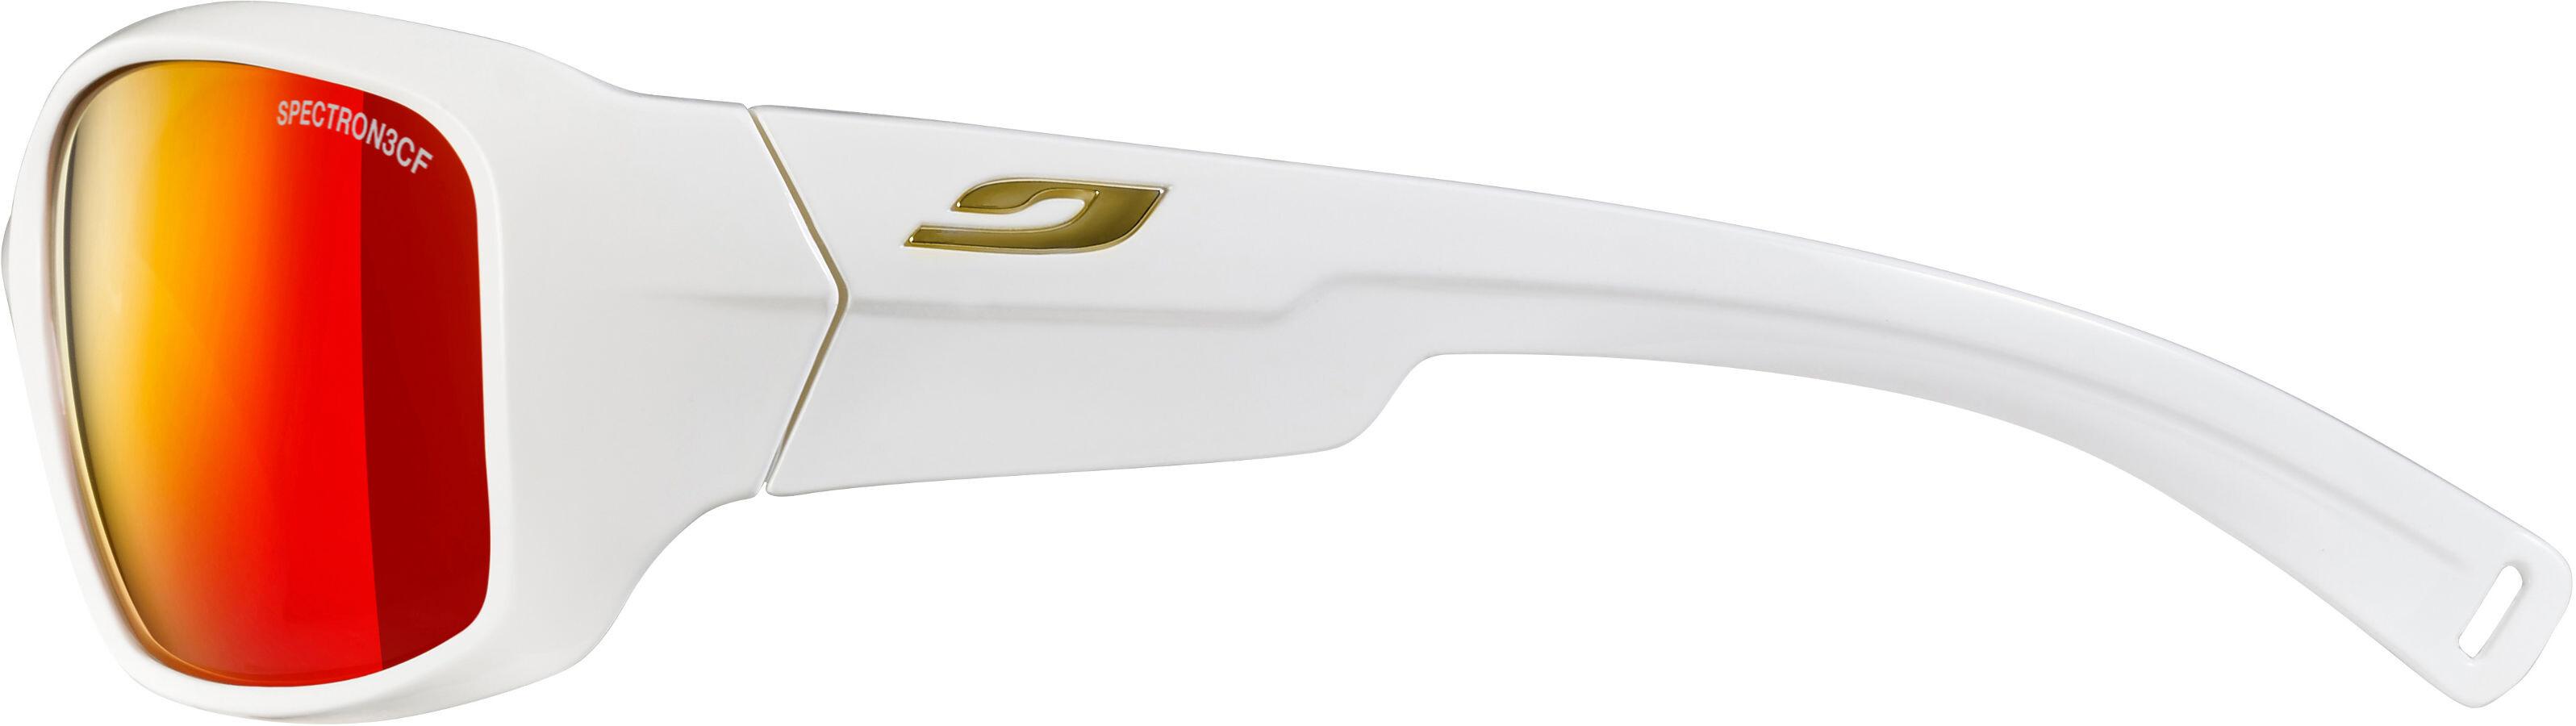 0db28f44c9 Julbo Rookie Spectron 3CF - Gafas Niños - 8-12Y rojo/blanco | Campz.es